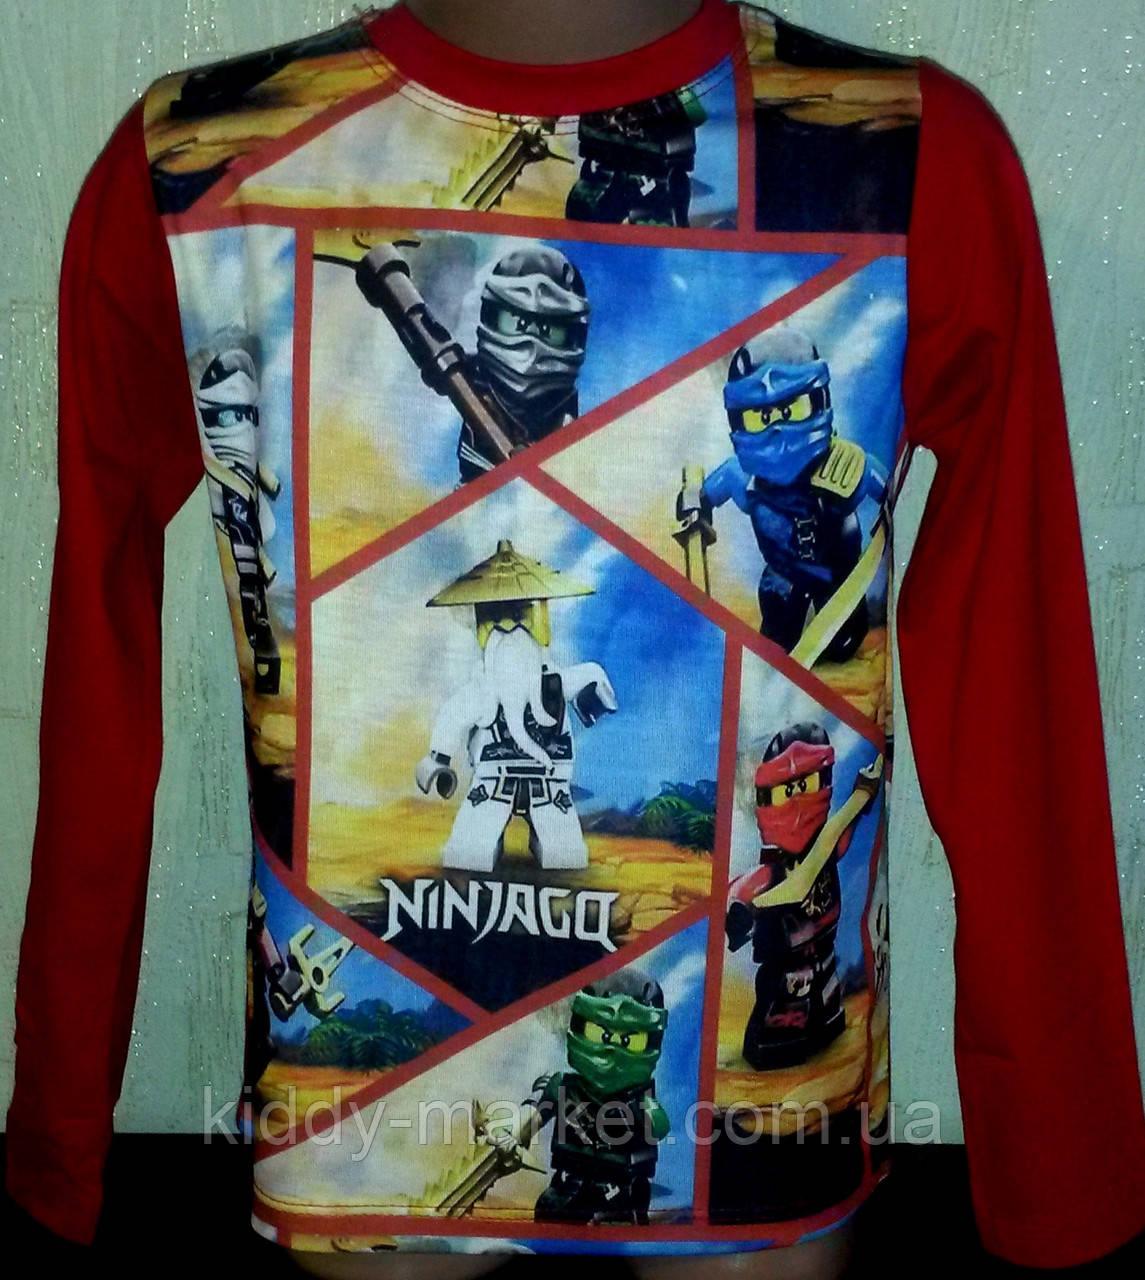 Джемпер  для мальчика Ниндзяго,ниндзя Ninjago,Нинзяго